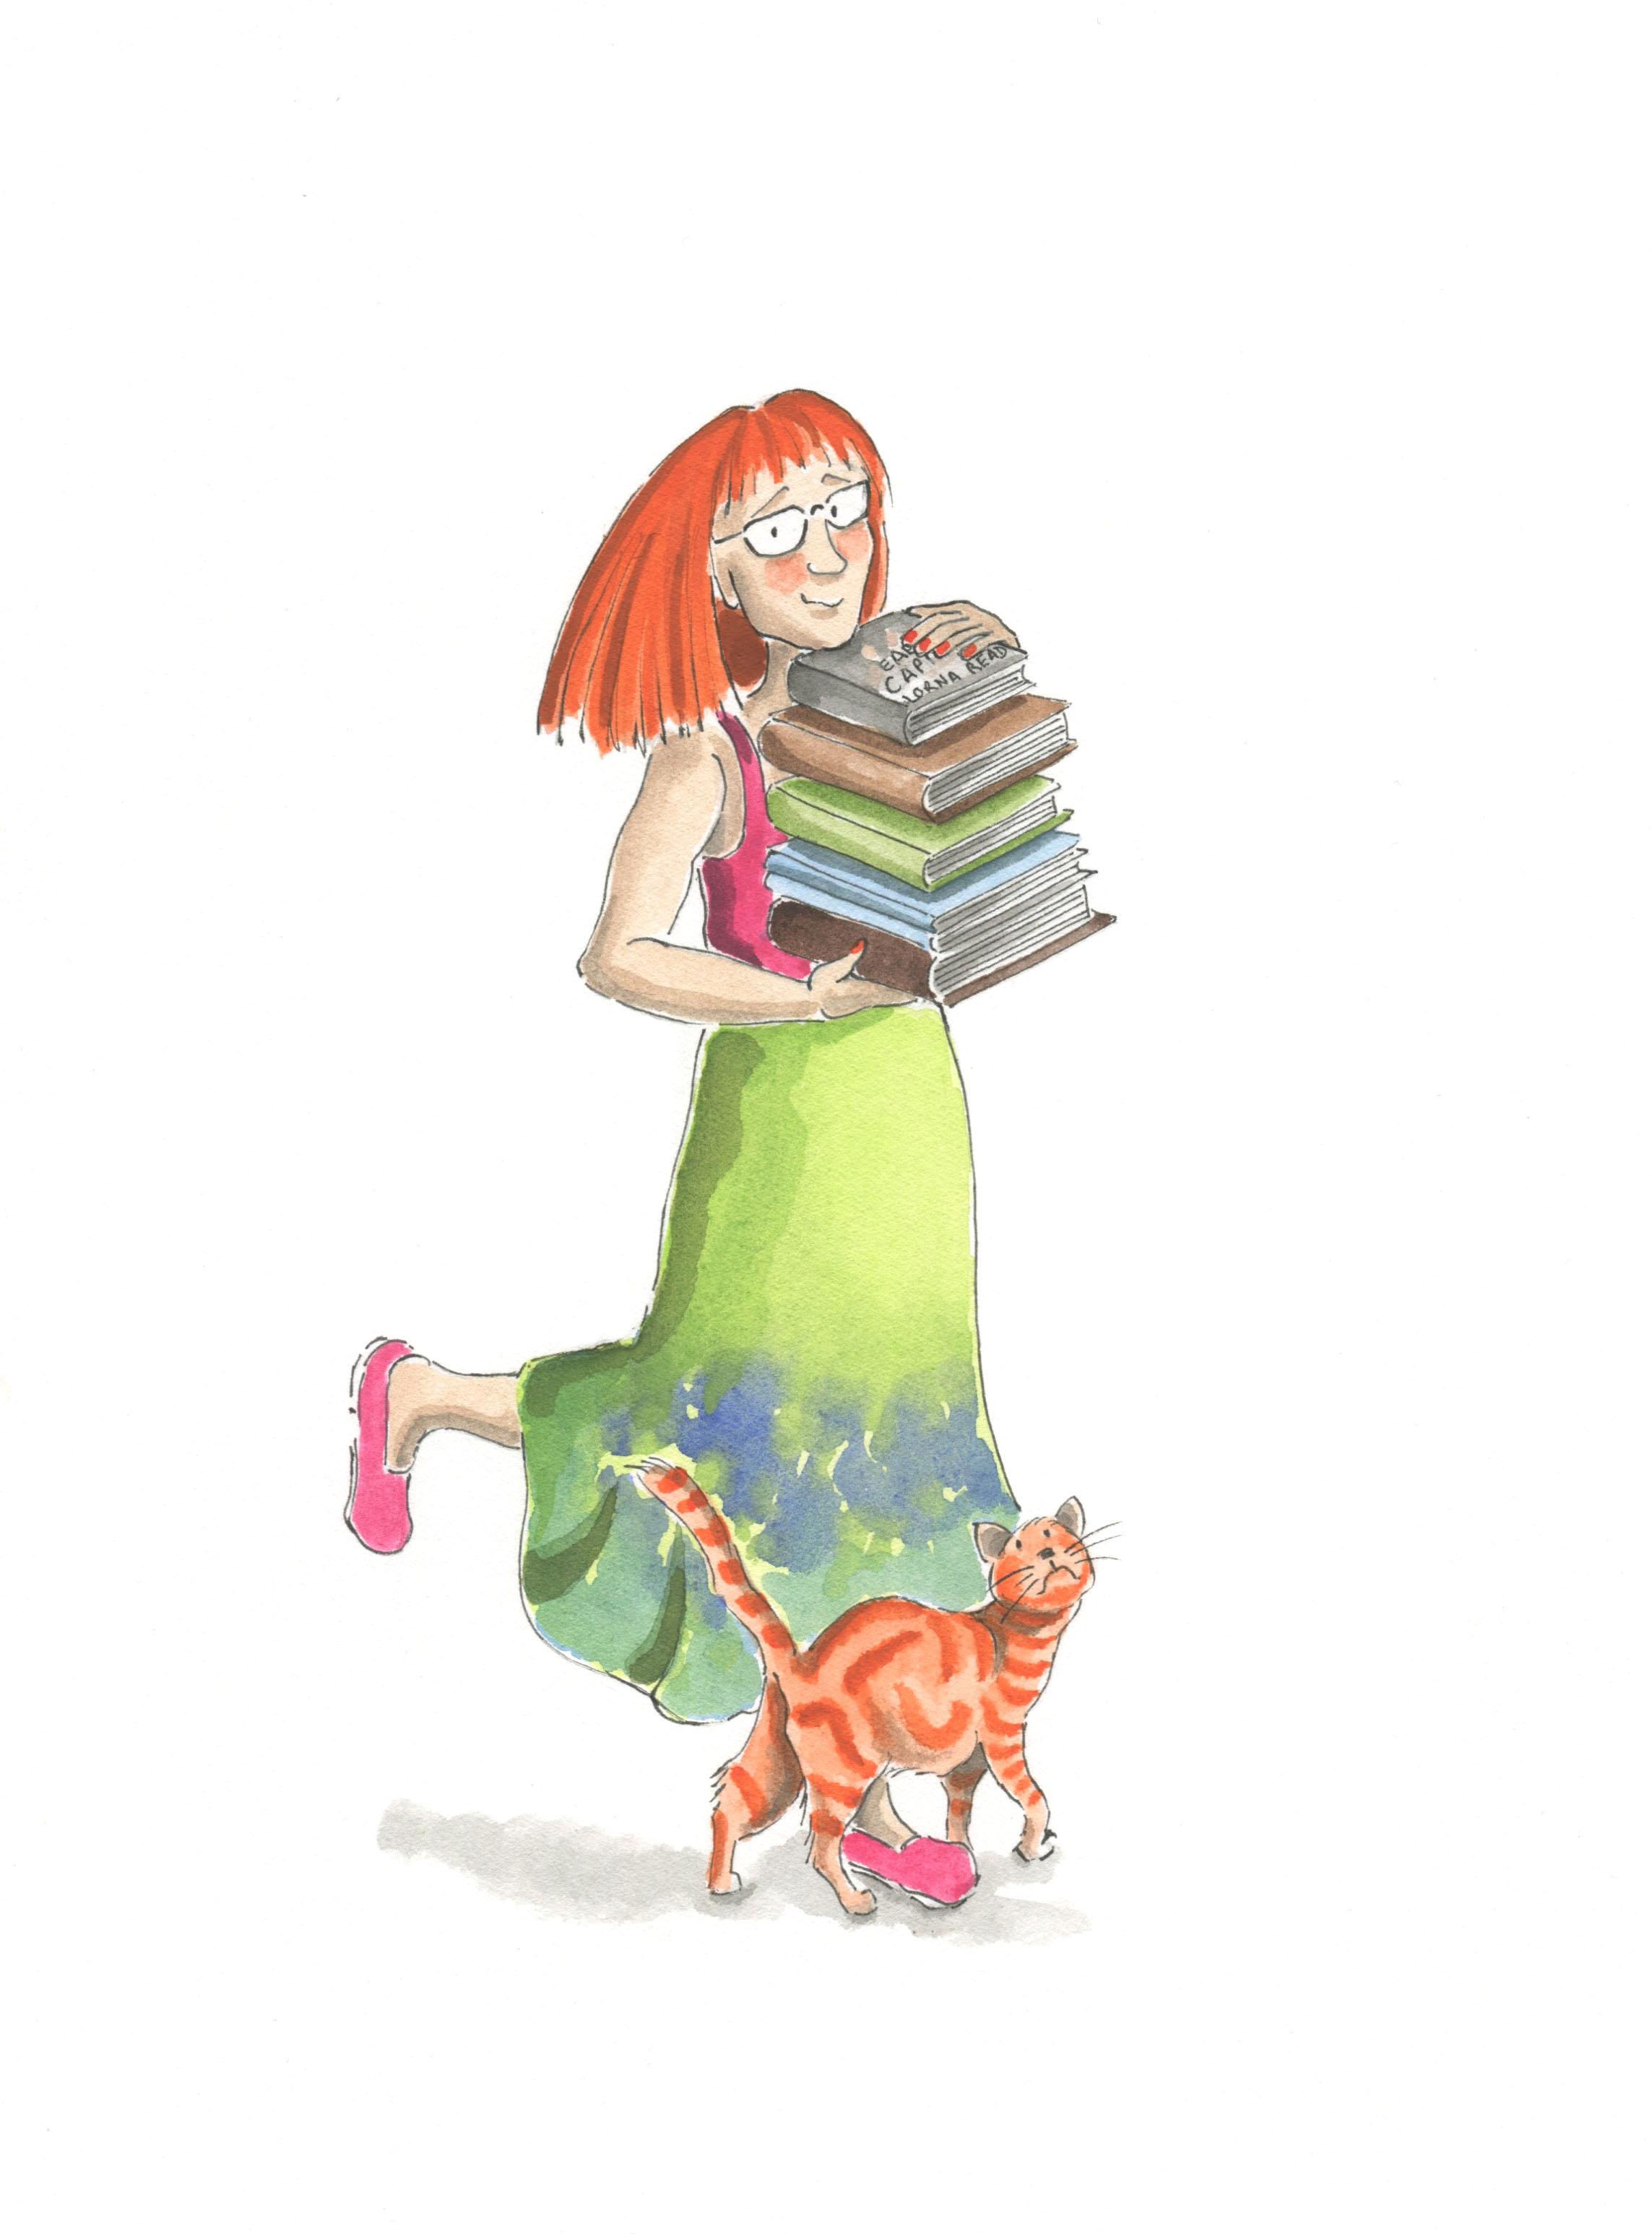 Lorna Read